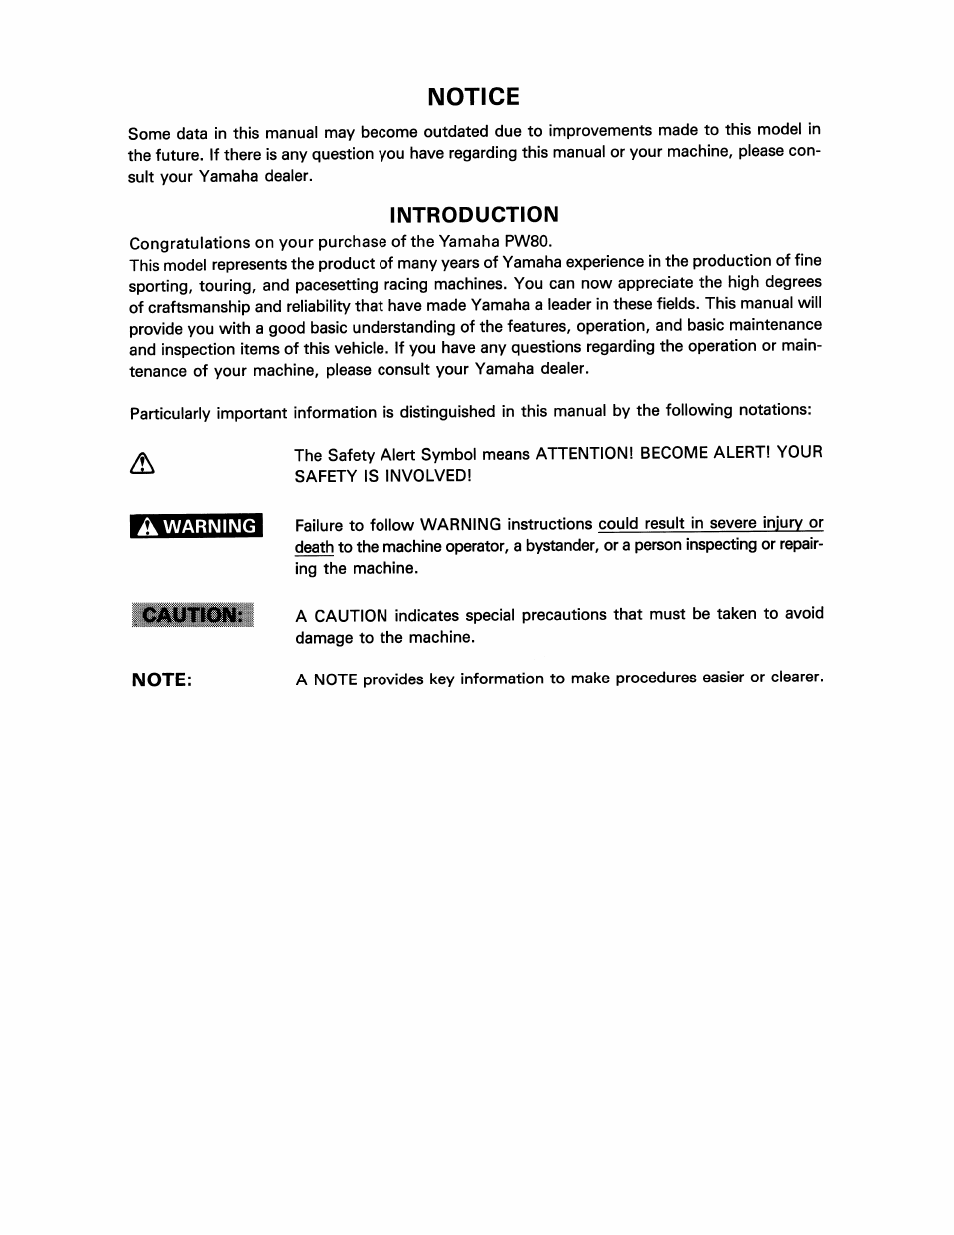 ... service manual Array - introduction notice yamaha pw80 user manual page  3 64 rh manualsdir com